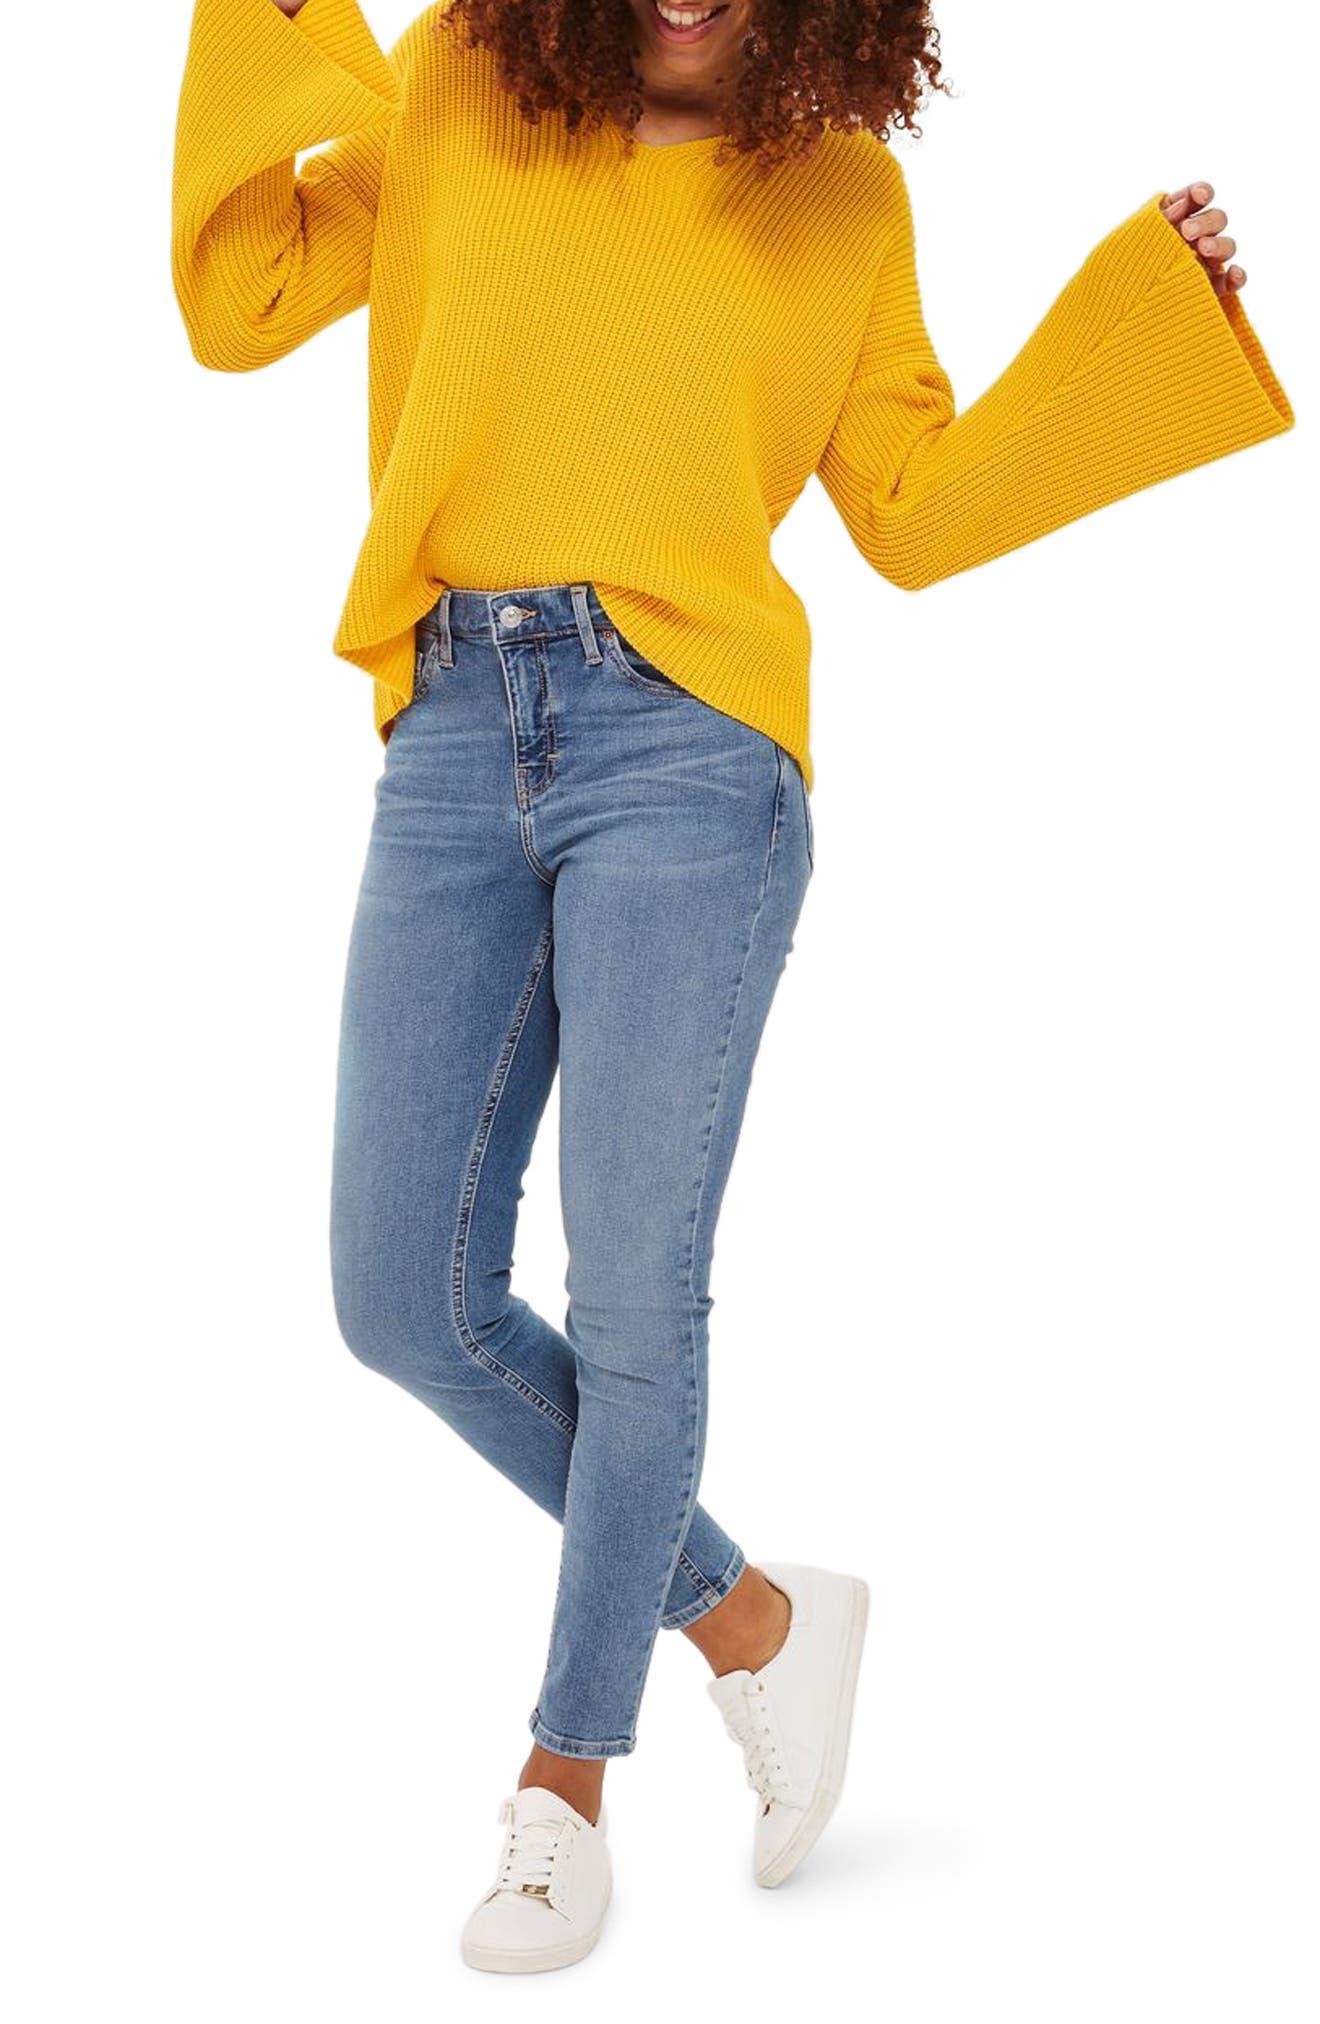 Alternate Image 1 Selected - Topshop Jamie High Waist Skinny Jeans